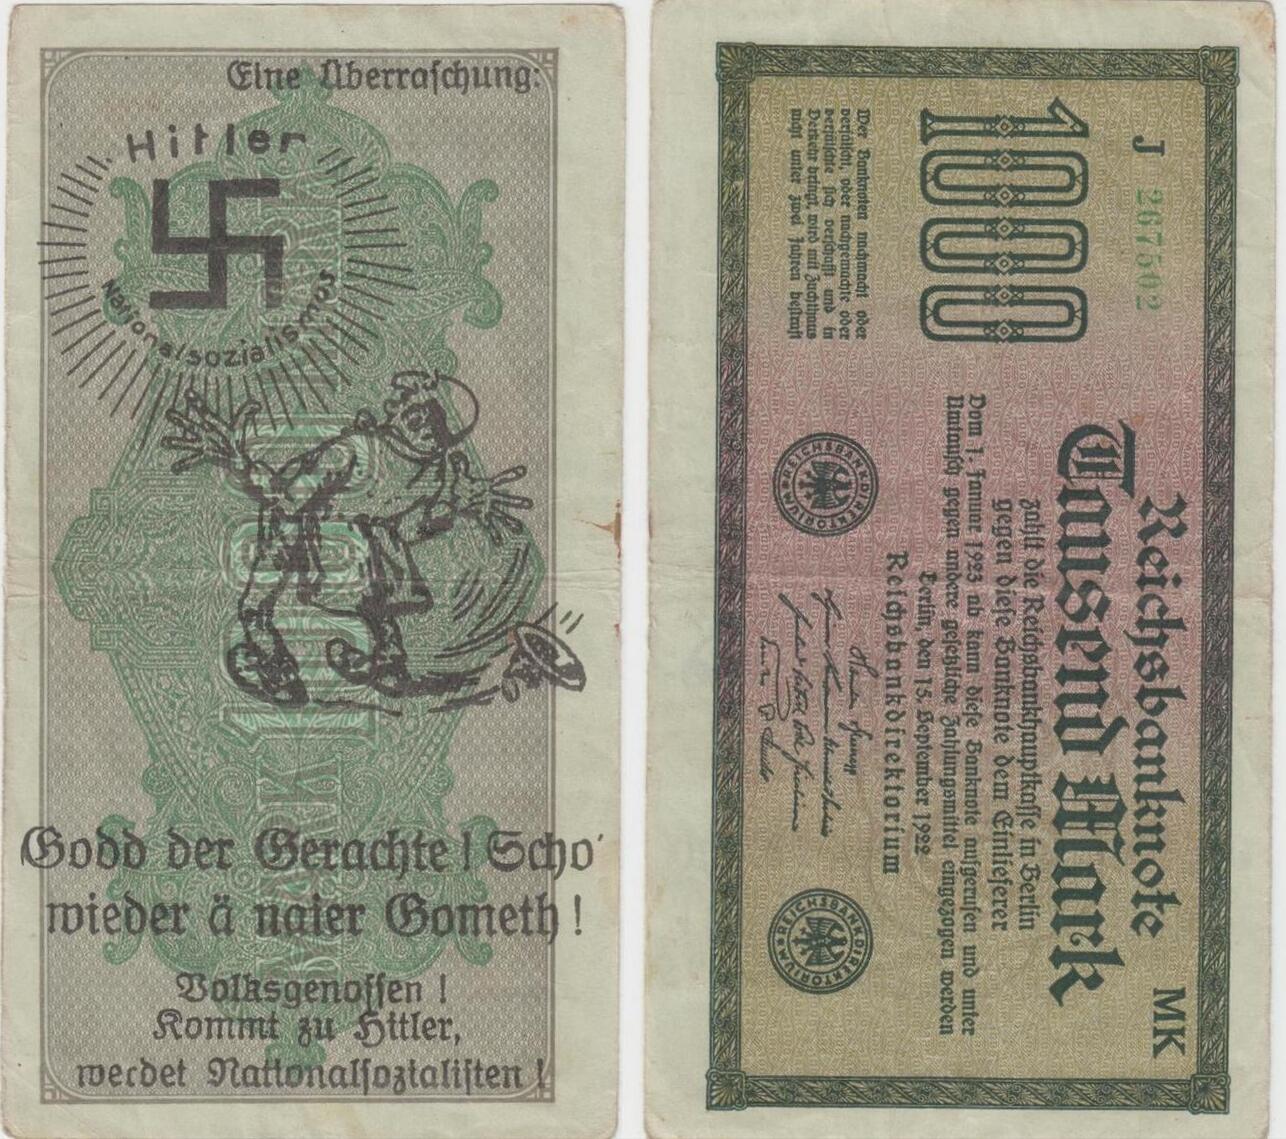 MEDALLAS ALEMANAS 1914-1945. Últimas adquisiciones. - Página 4 Img_2054